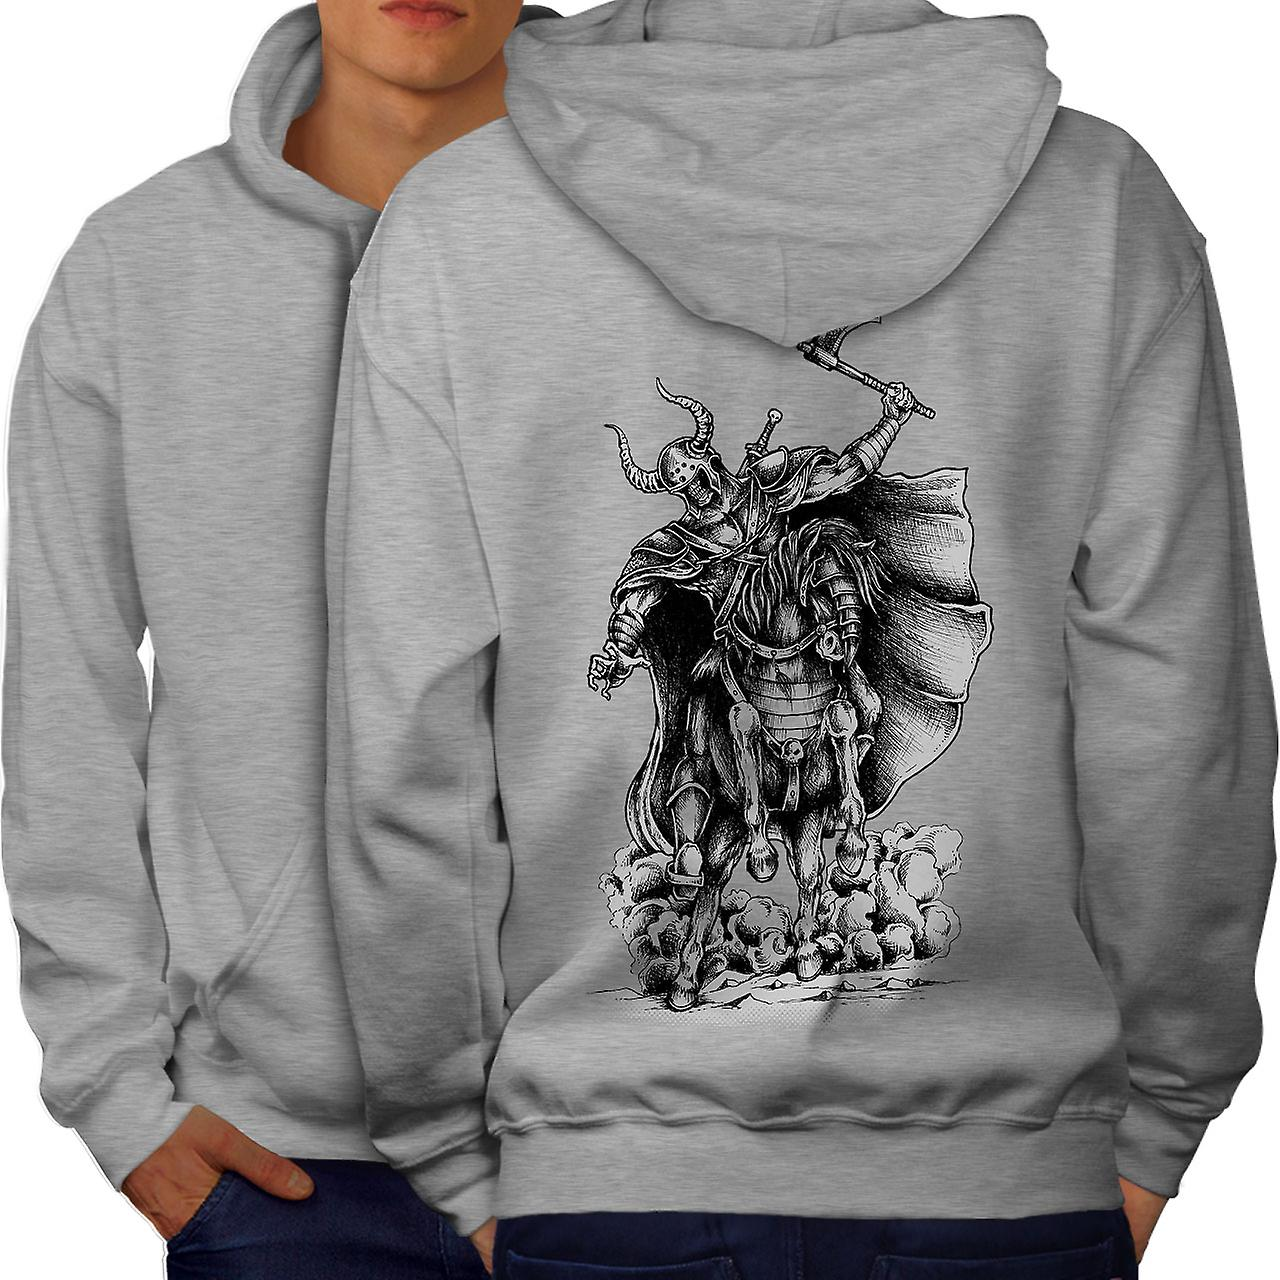 Casual Jumper wellcoda Old Warrior Geek Mens Sweatshirt